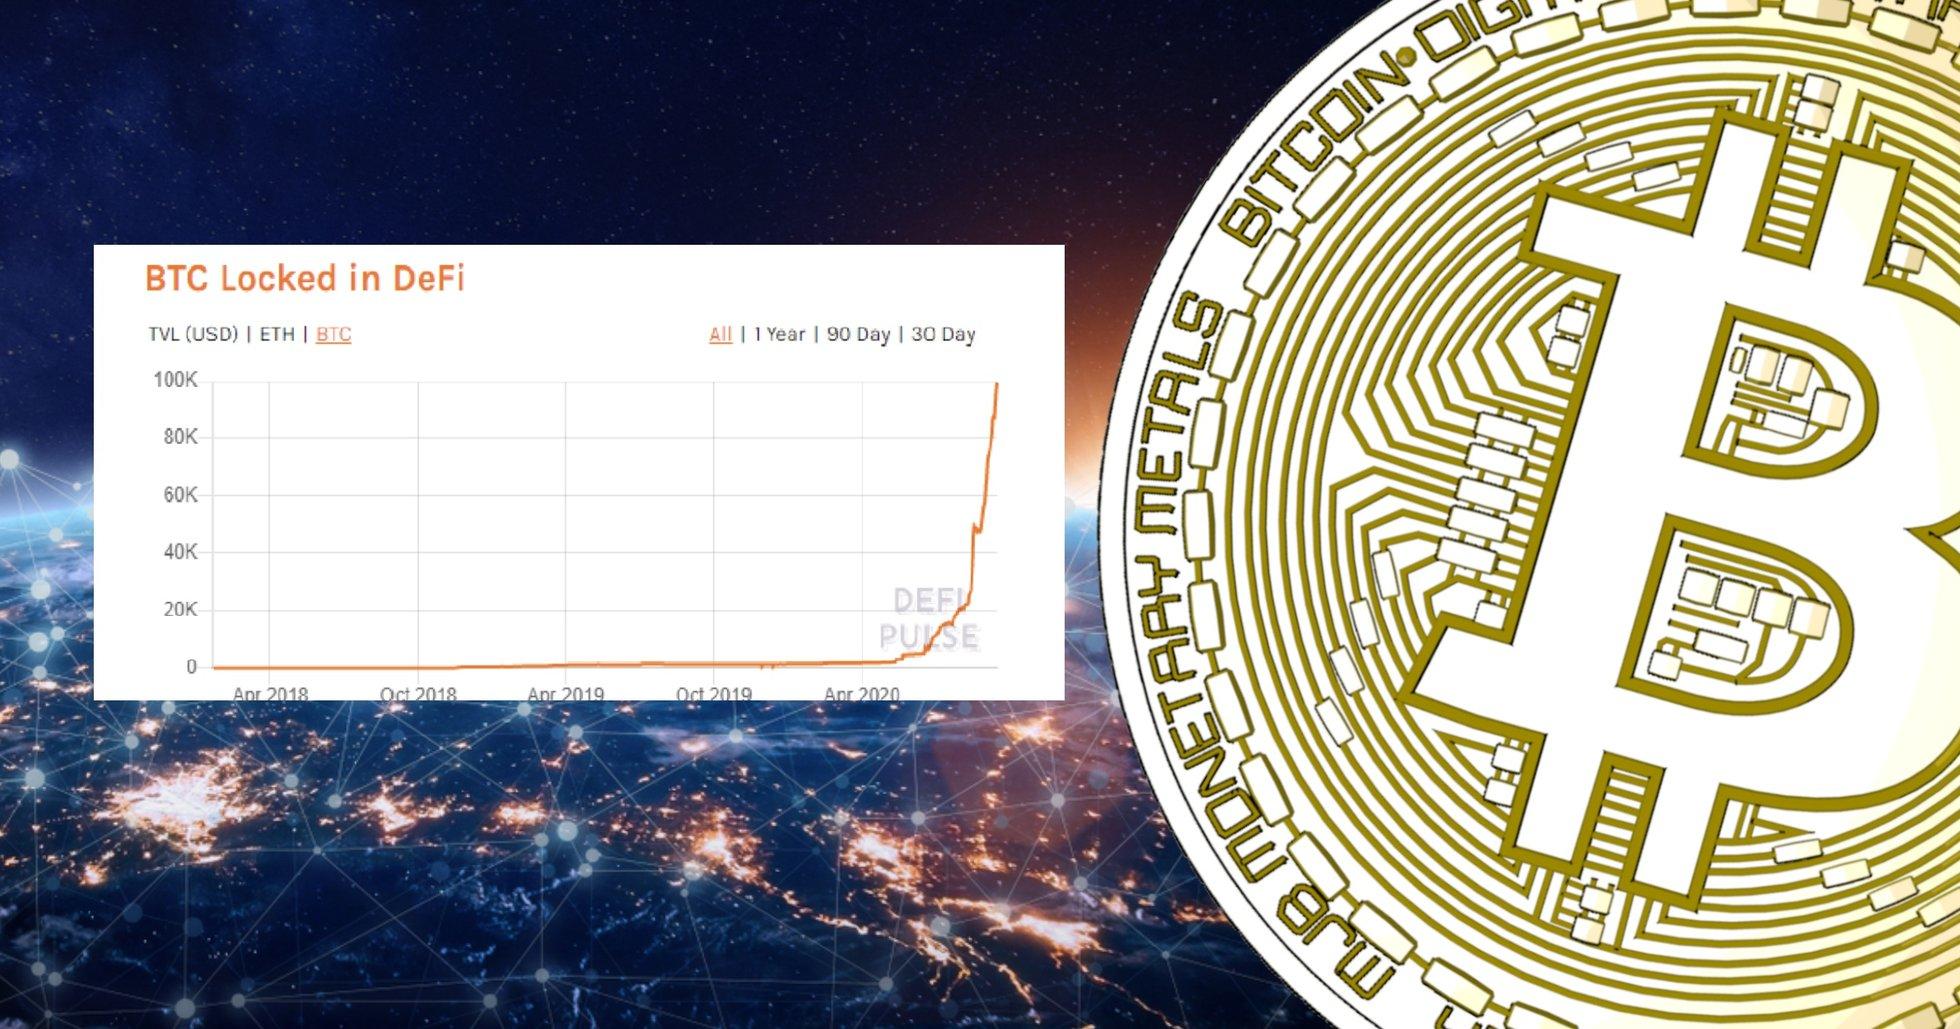 Över 1 miljard dollar i bitcoin har tokeniserats med hjälp av defi-protokoll